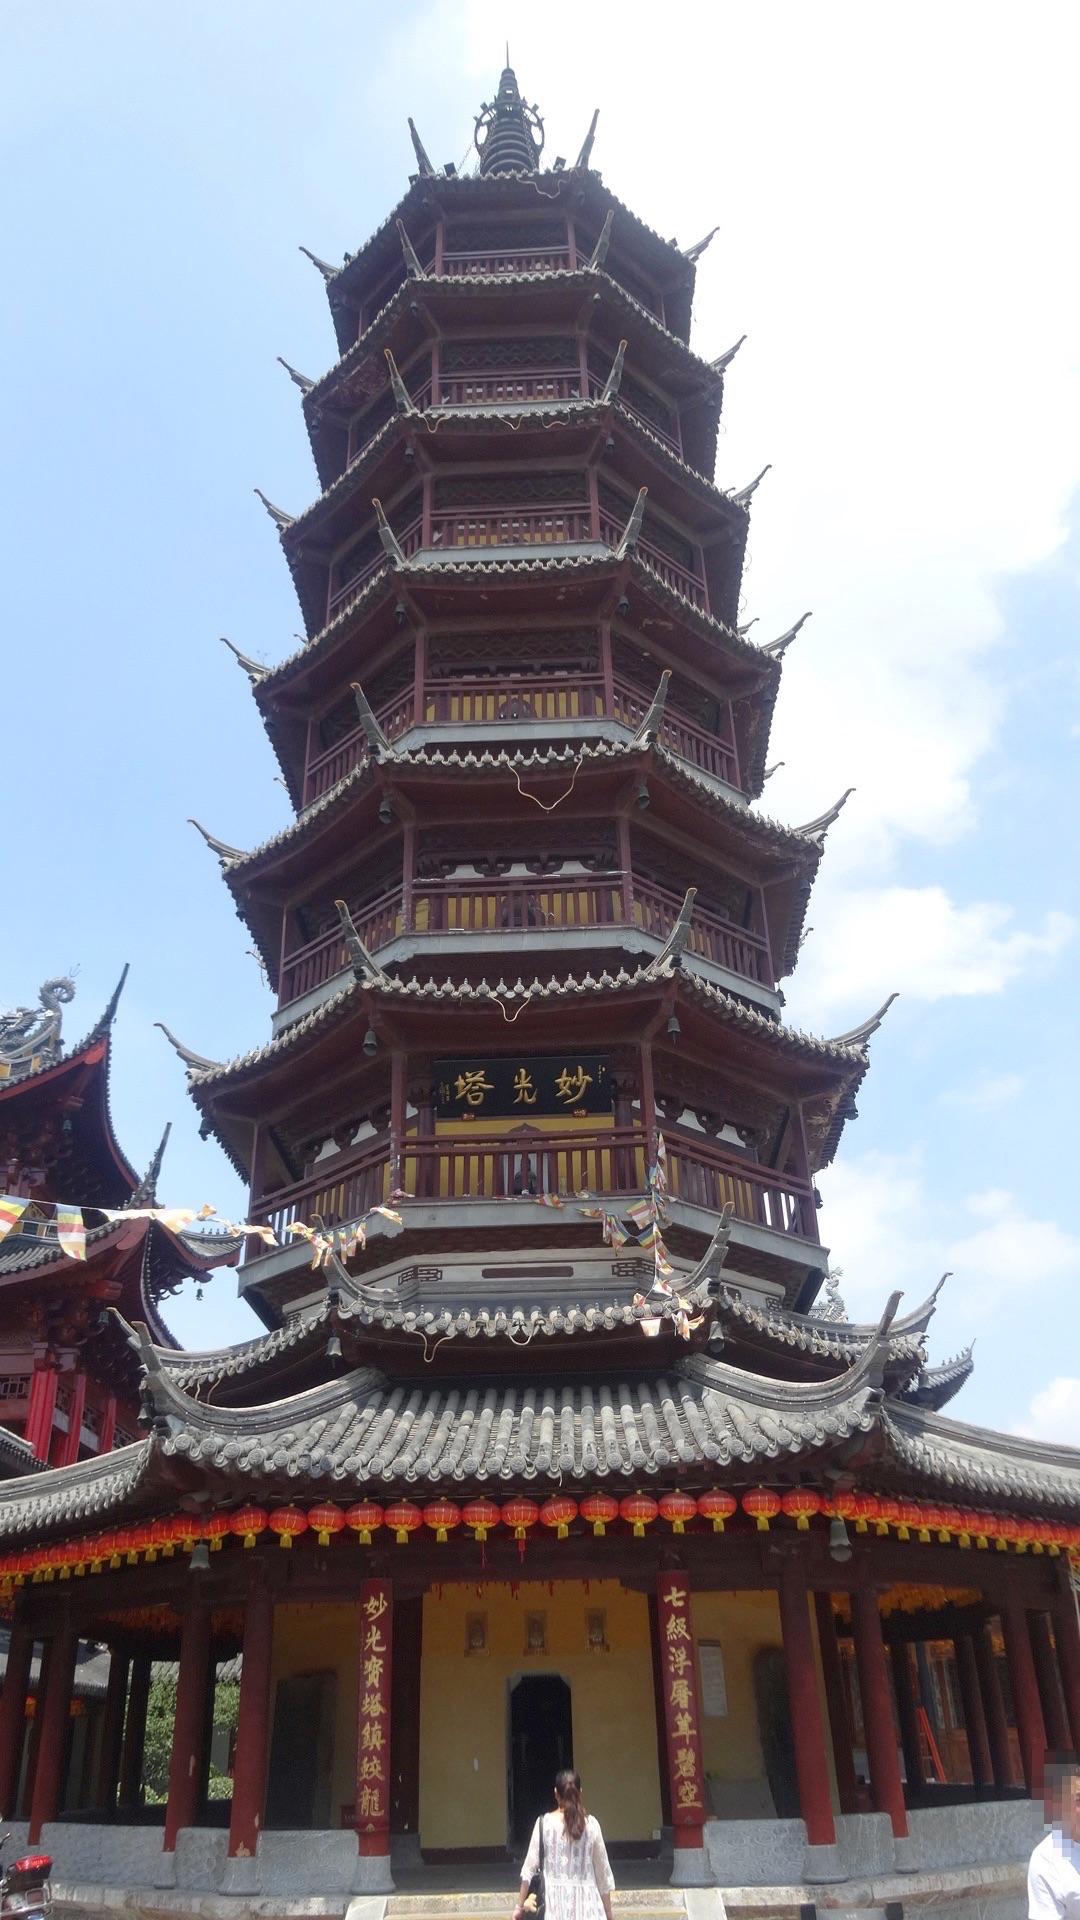 無錫南禅寺妙光塔